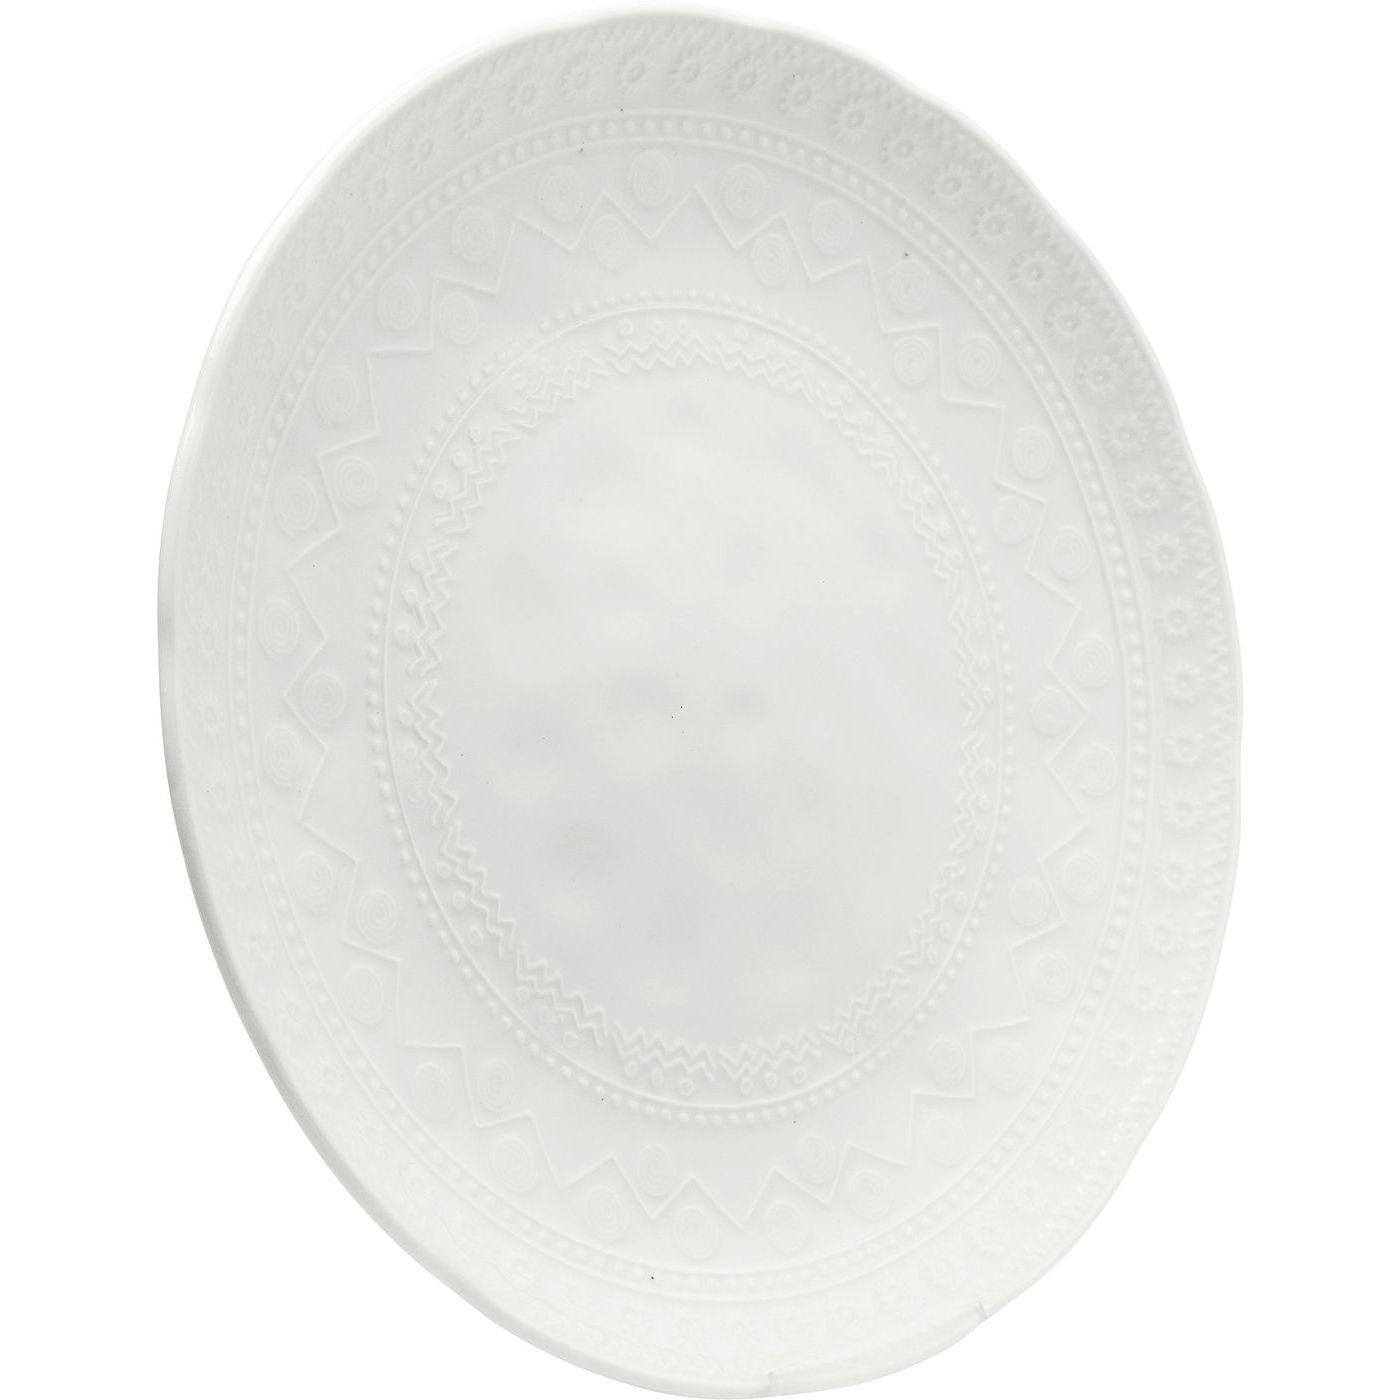 Assiettes Karma blanches 29cm set de 4 Kare Design